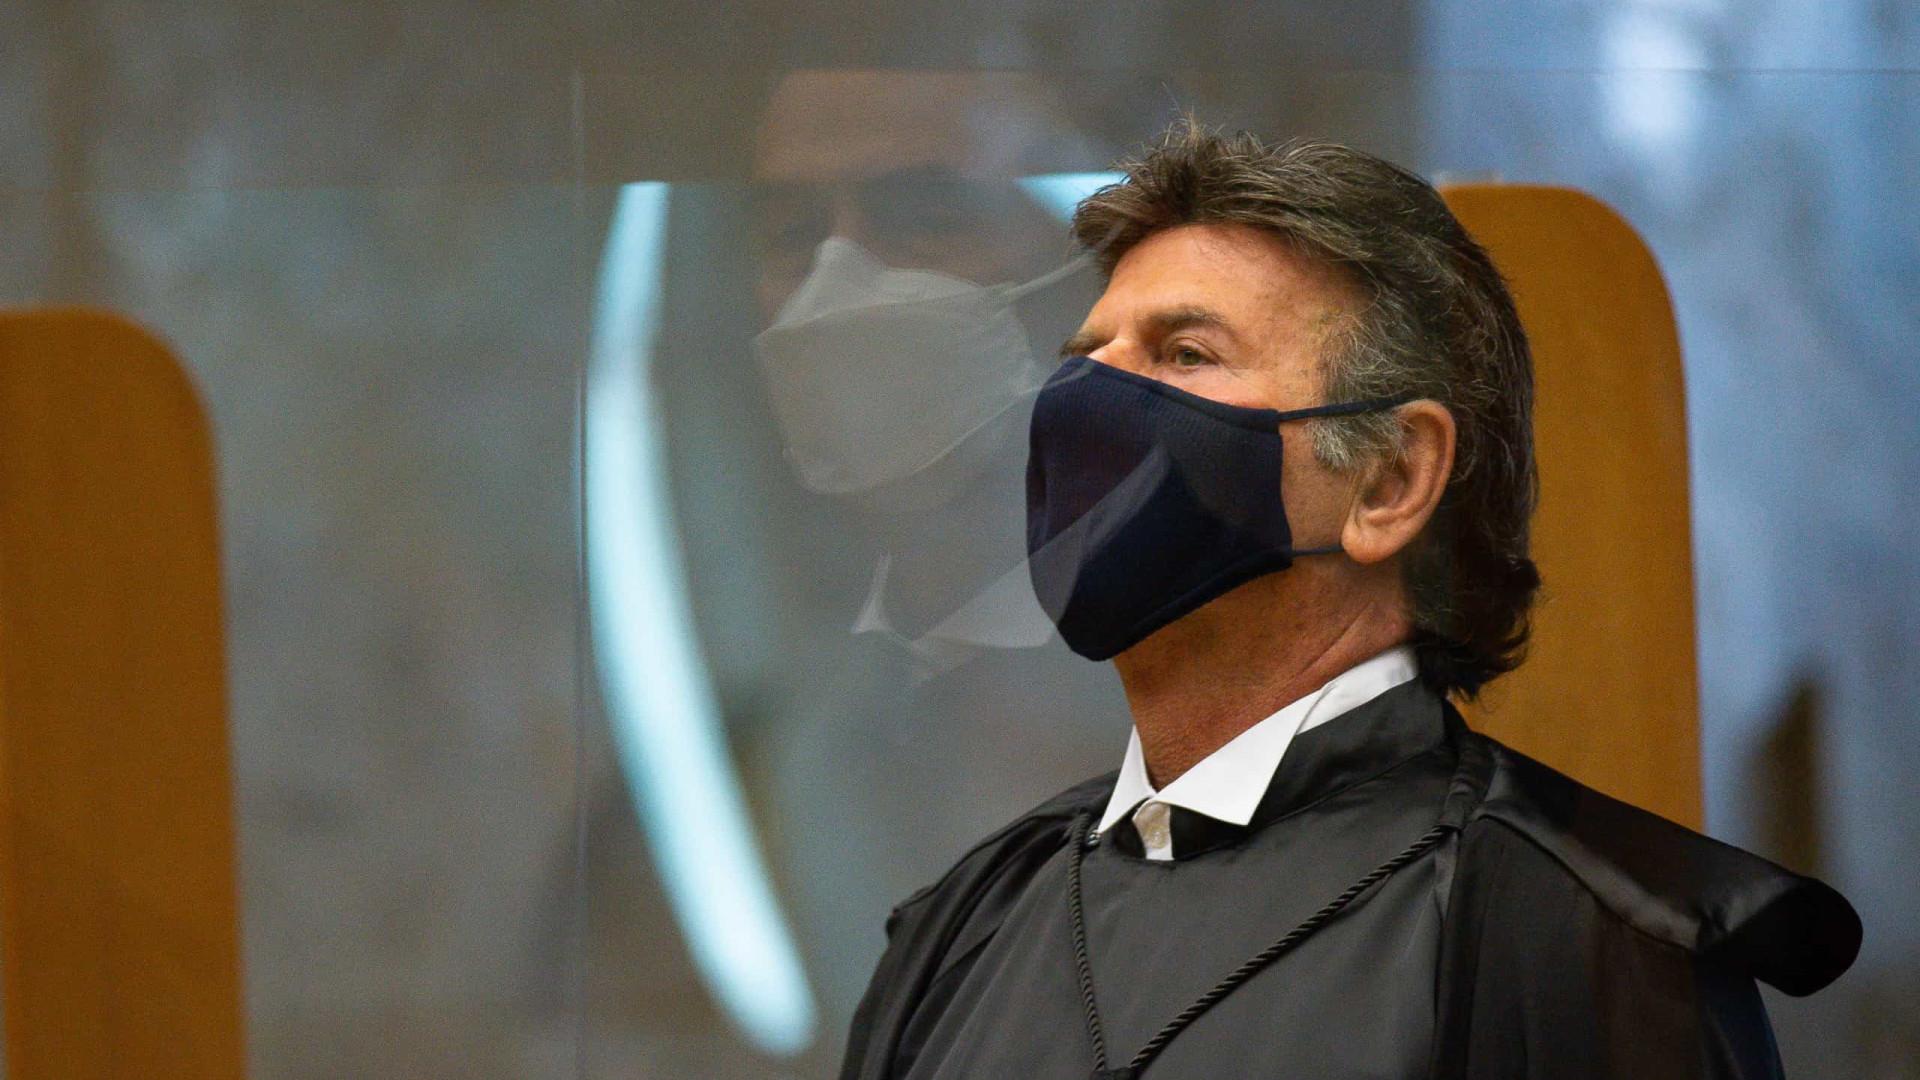 Celso de Mello parabeniza Fux por vacinação contra mentes obscurantistas